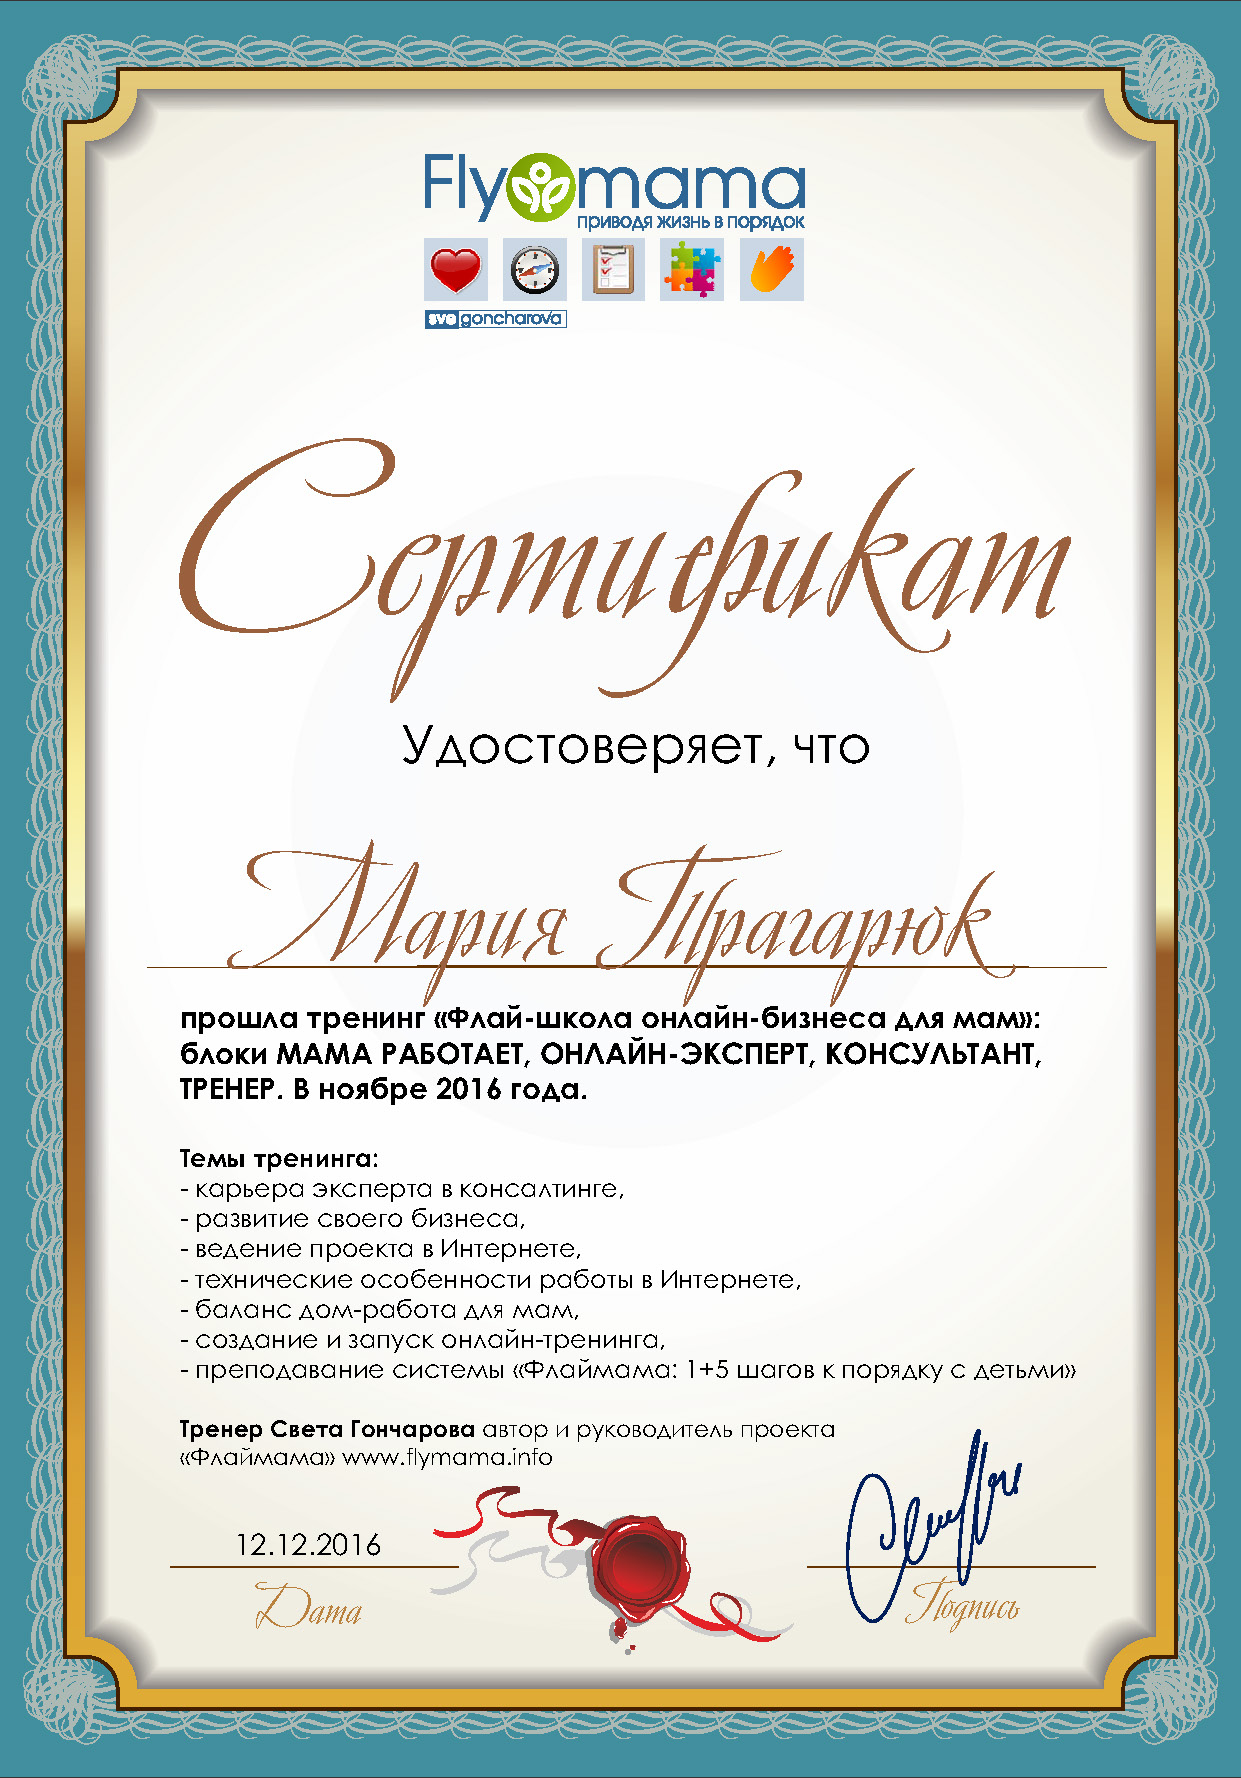 Сертификат об окончании Флайшколы Светланы Гончаровой